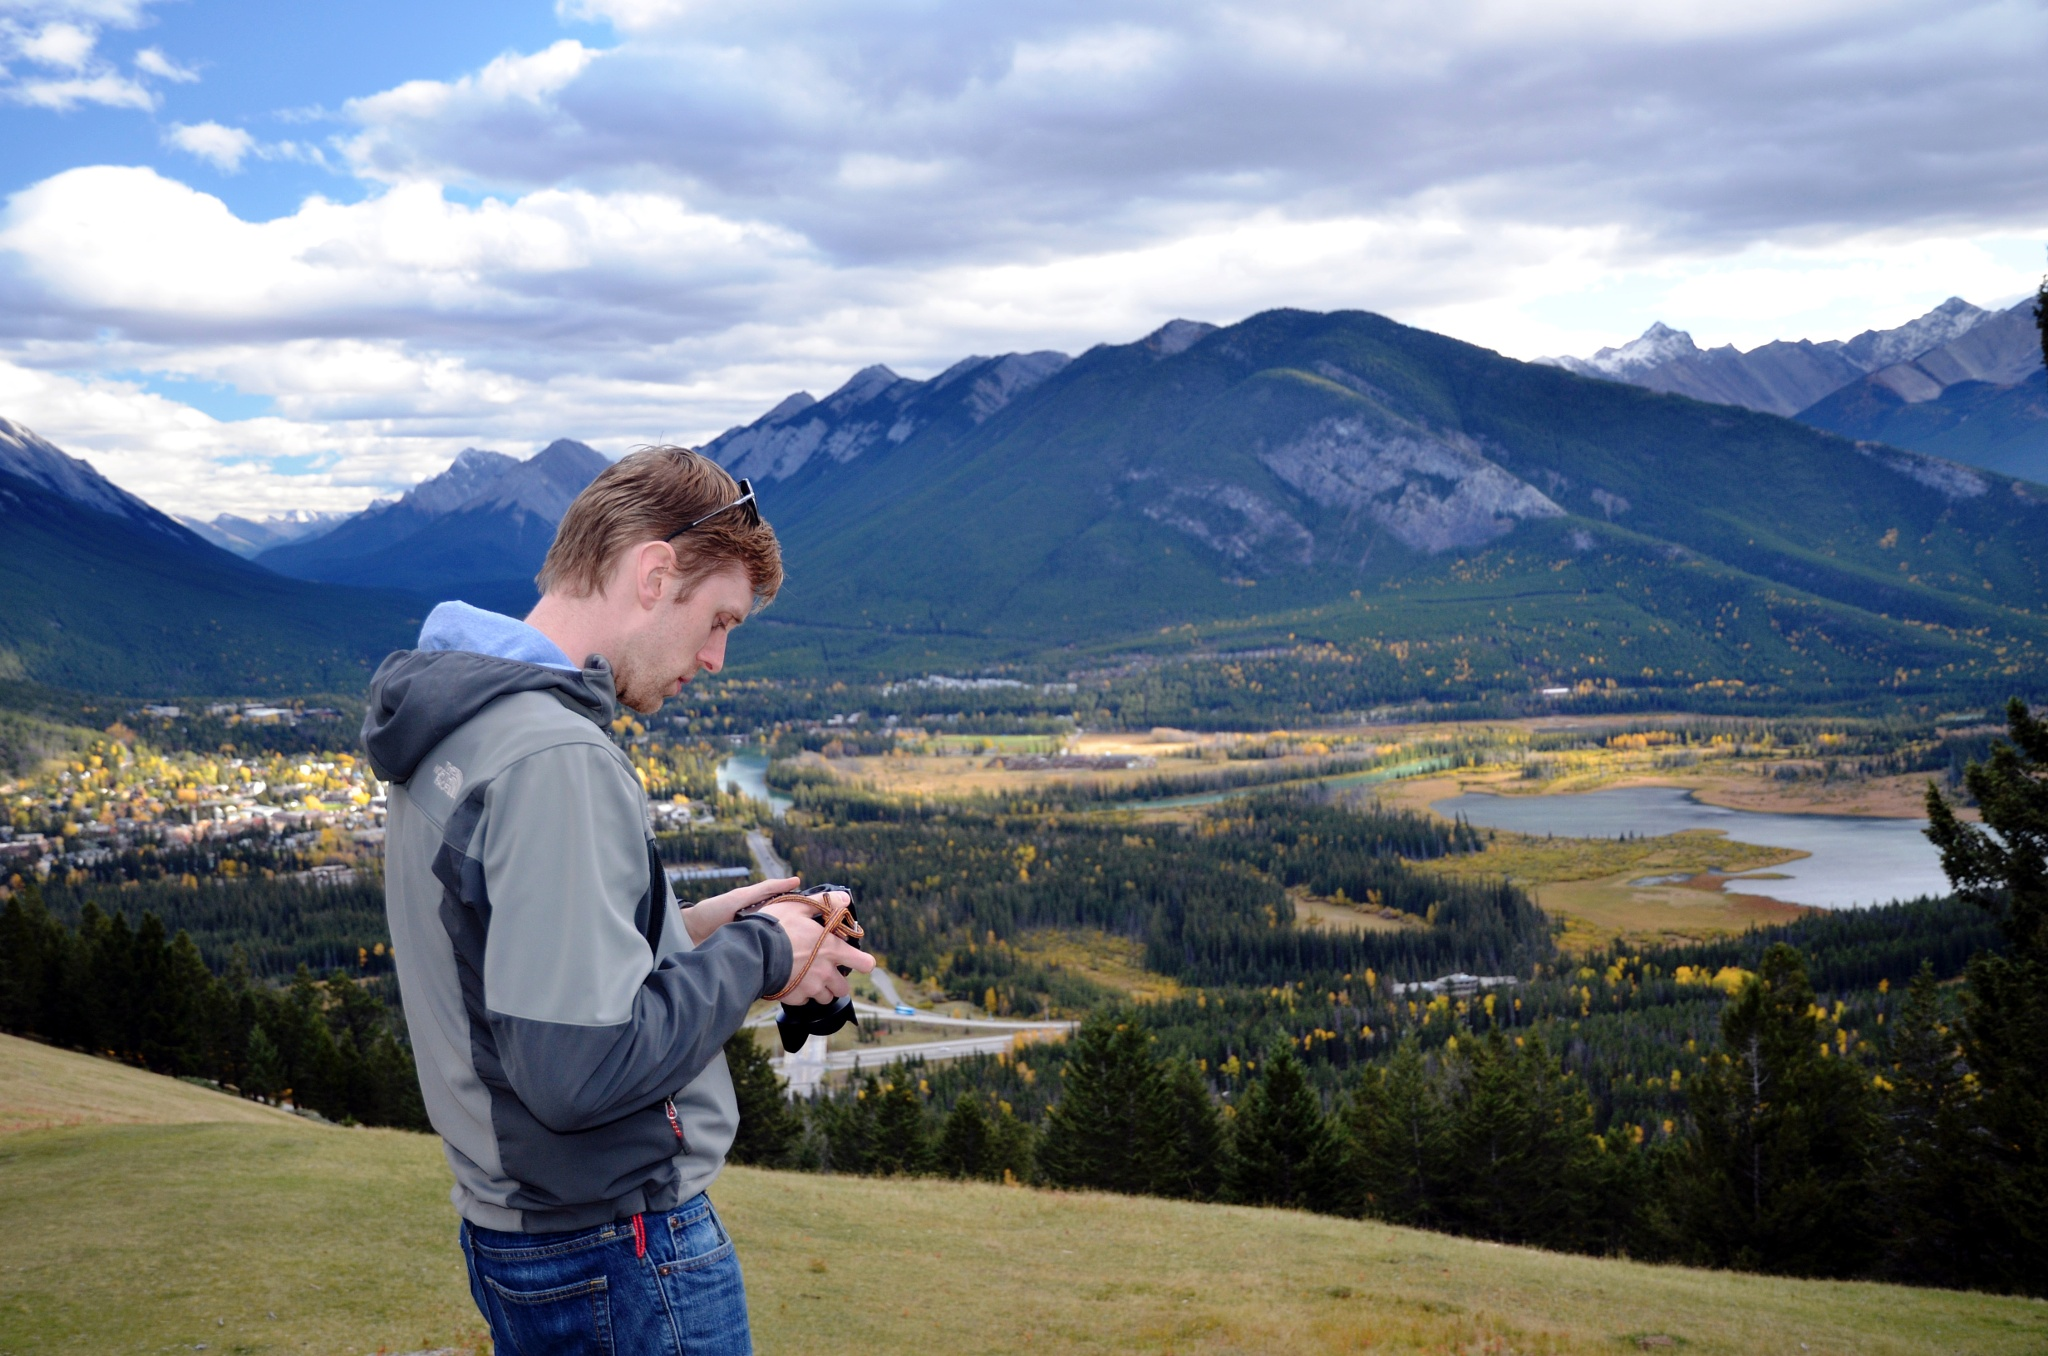 Checking Nikon Settings by Vivian Wilcox